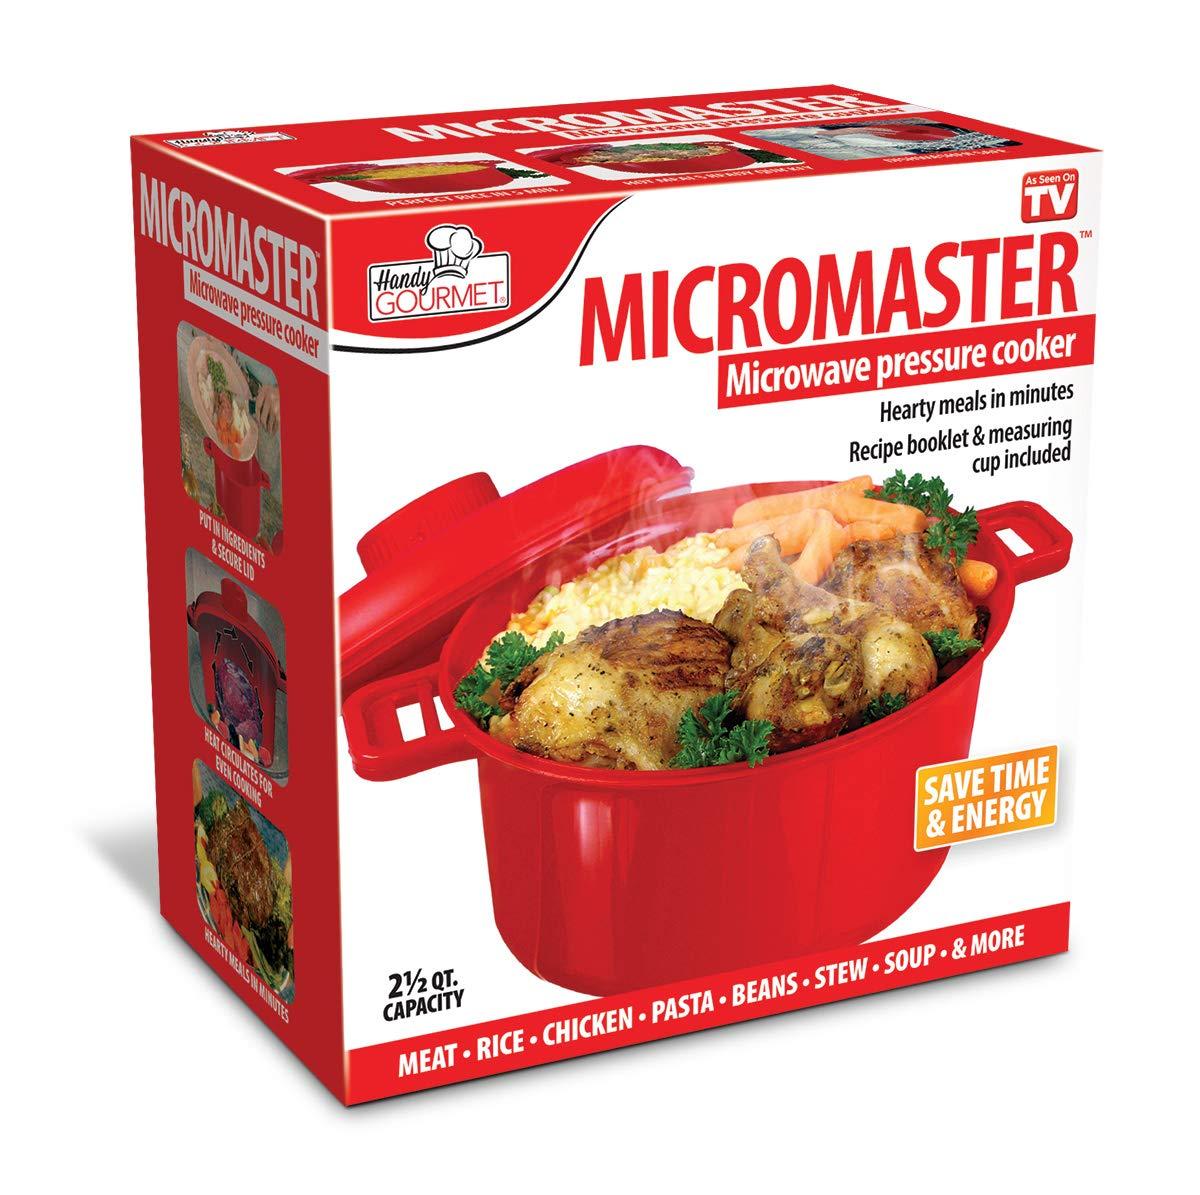 JOBAR HANDY GOURMET MICROMASTER - Olla a presión para microondas ...